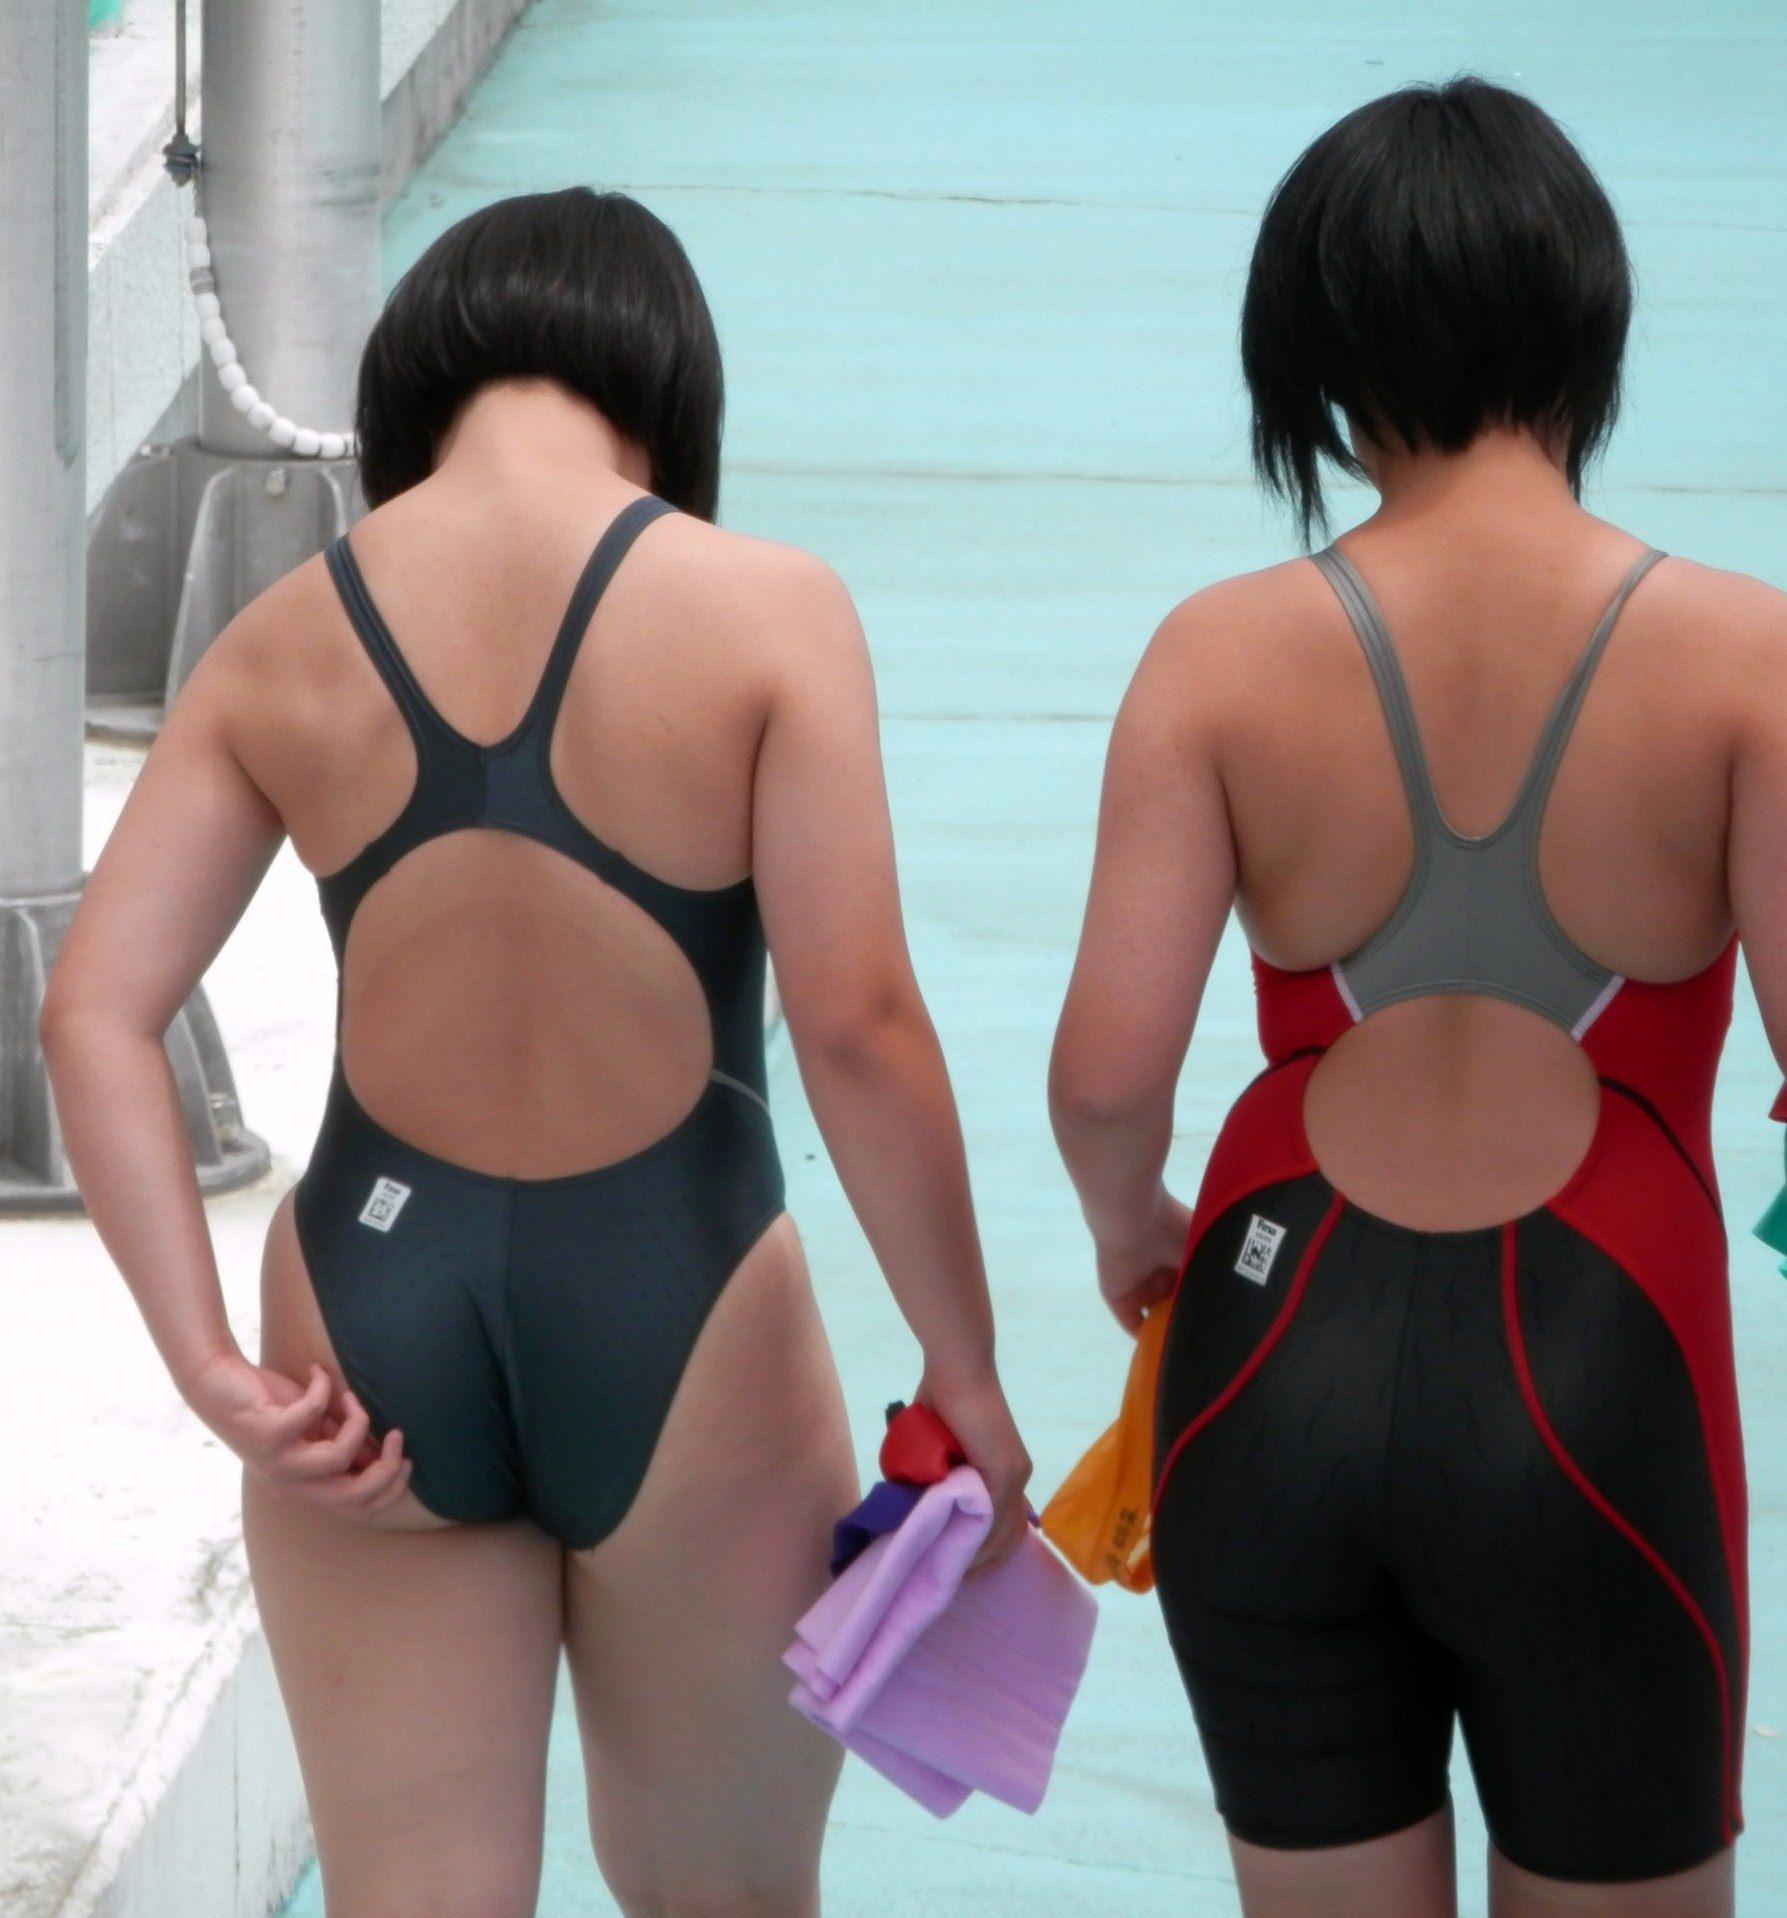 水泳部の女子をガチ盗撮www生尻むっちり乳首ポチ日焼け跡が最高な素人エロ画像 916